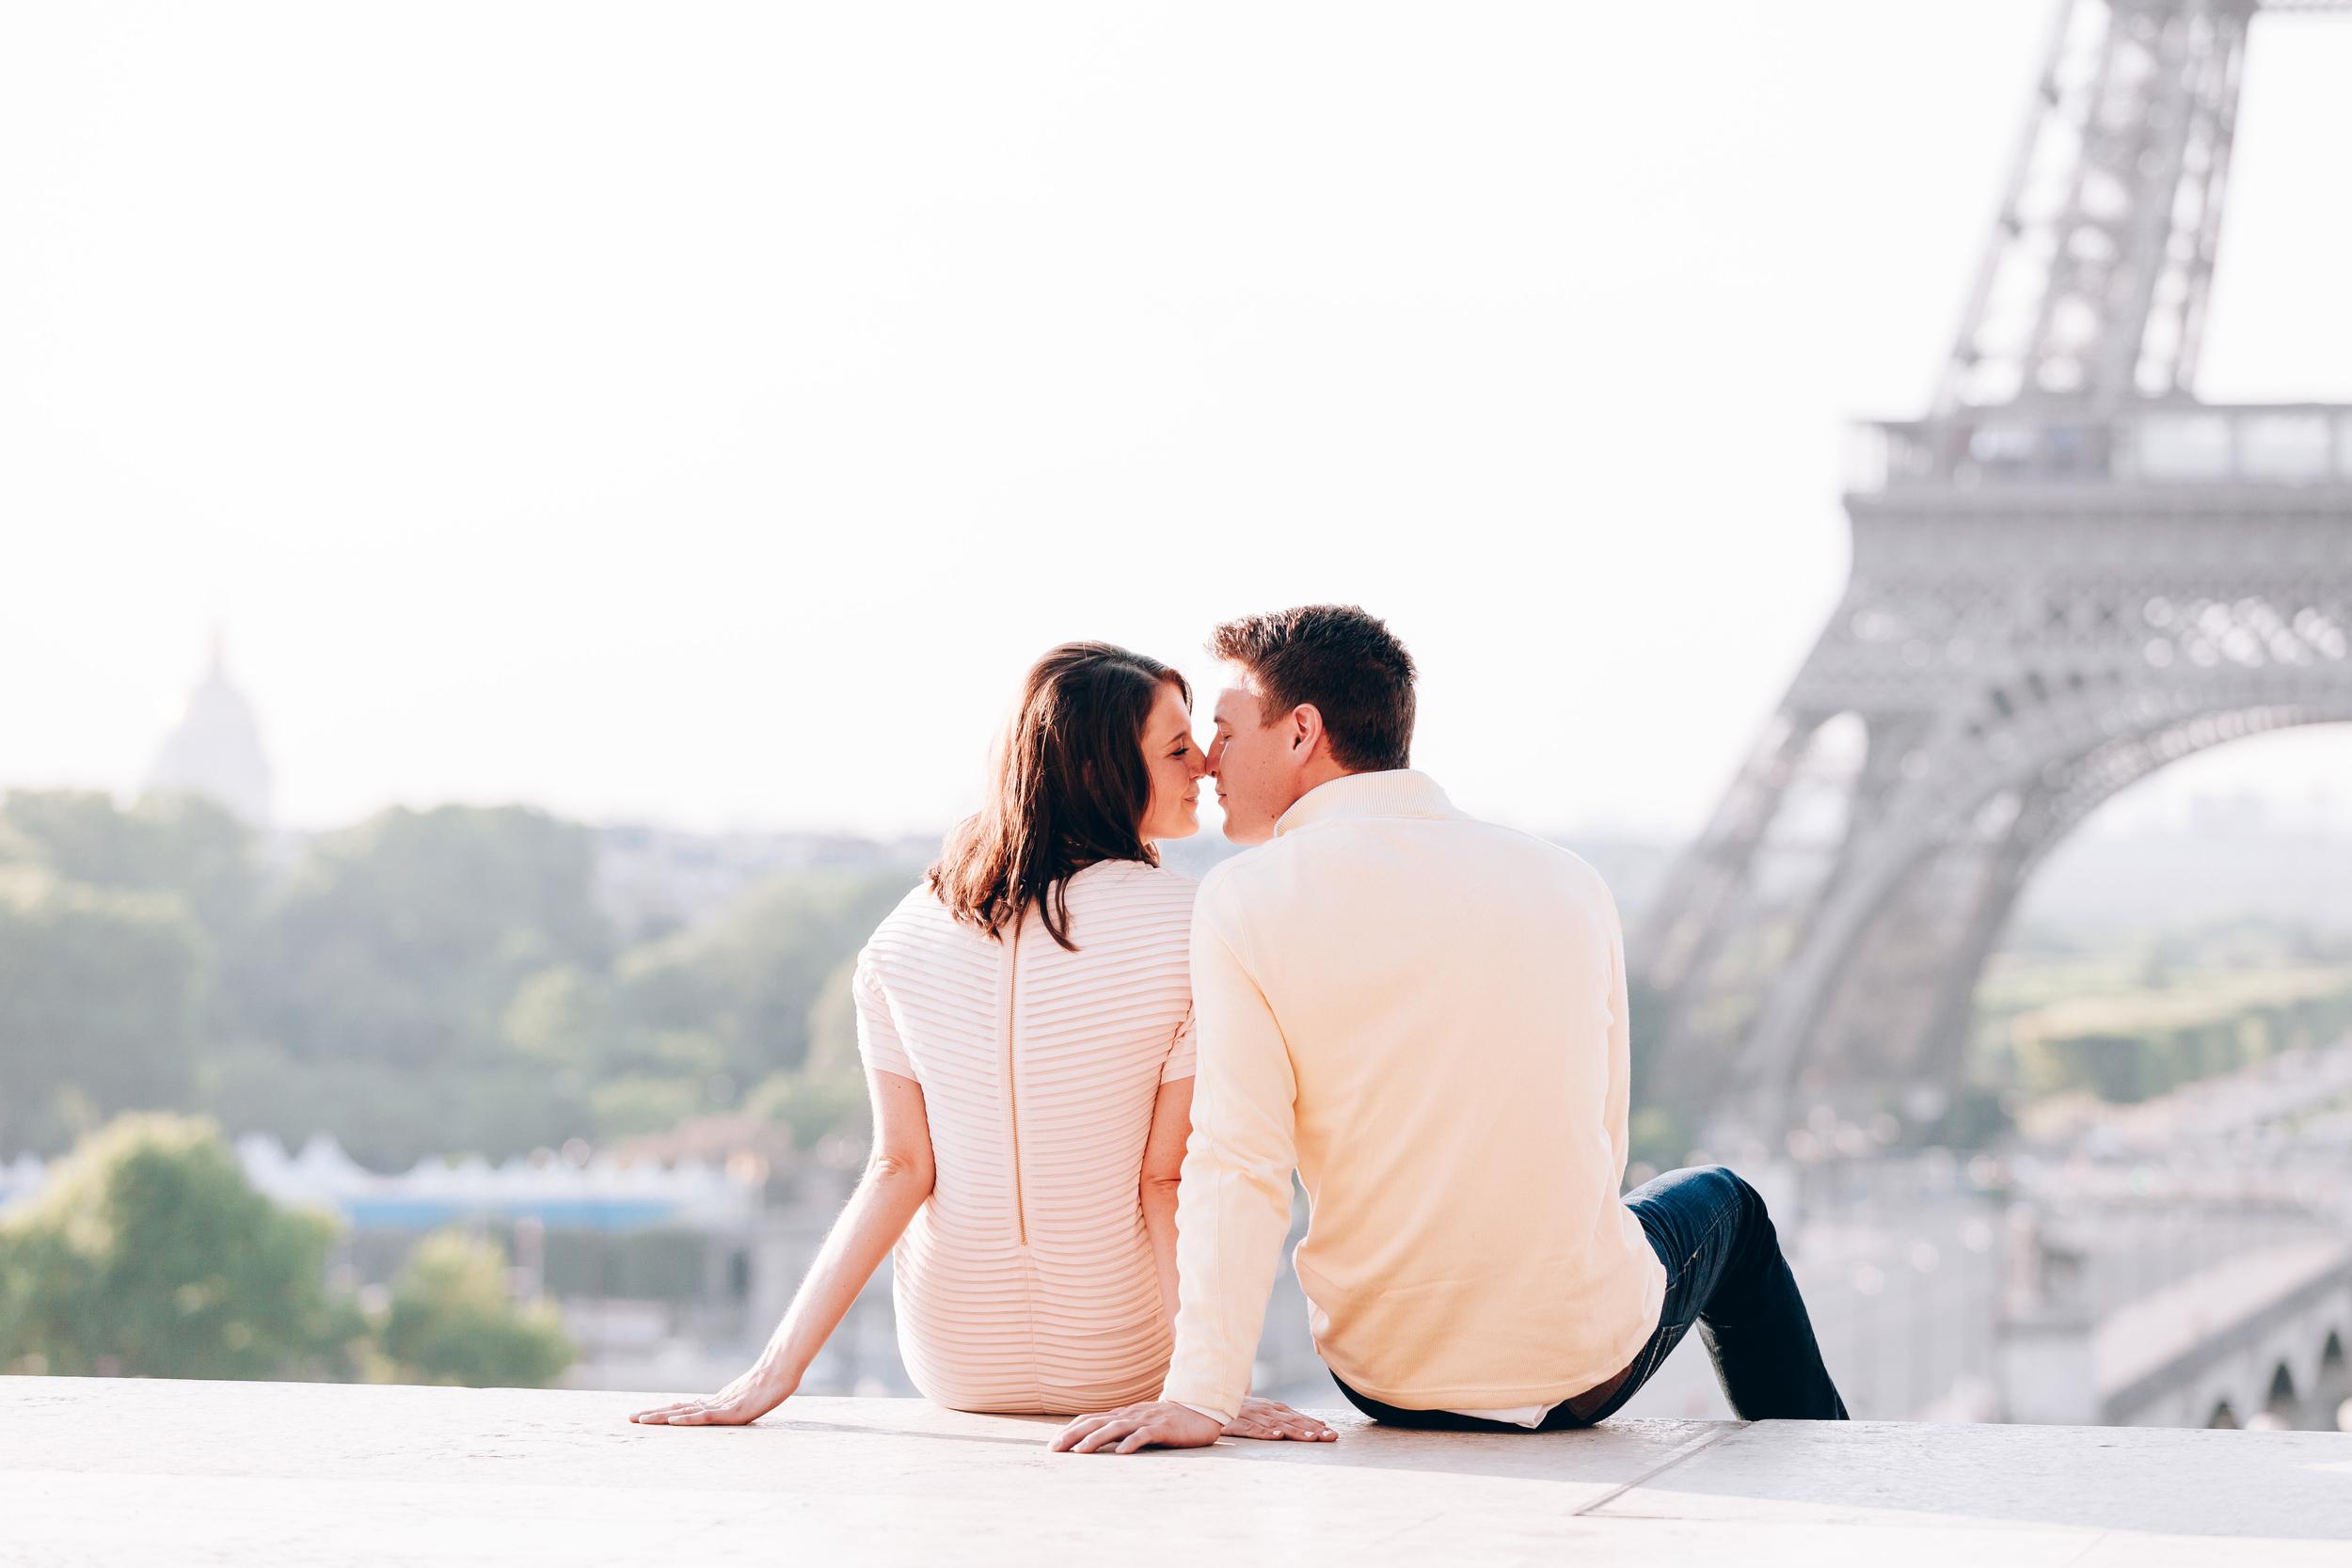 Photographer in Paris, Eiffel Tower, Kiss, Love, Surprise Proposal, Iheartparisfr